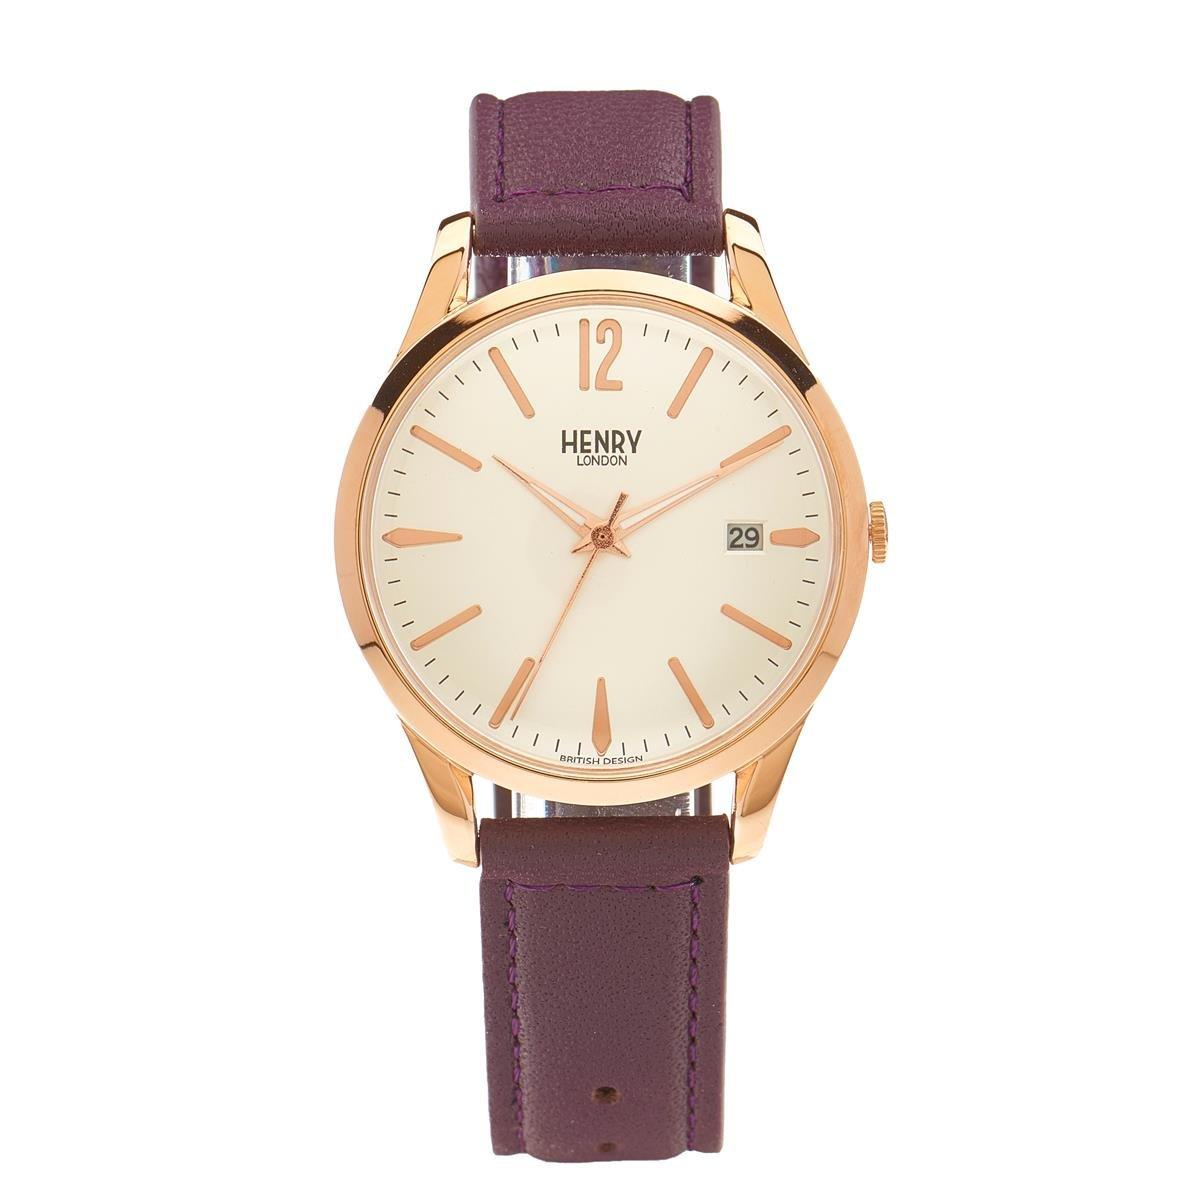 Henry London Reloj Analógico para Unisex de Cuarzo con Correa en Cuero 5018479077855: Henry London: Amazon.es: Relojes